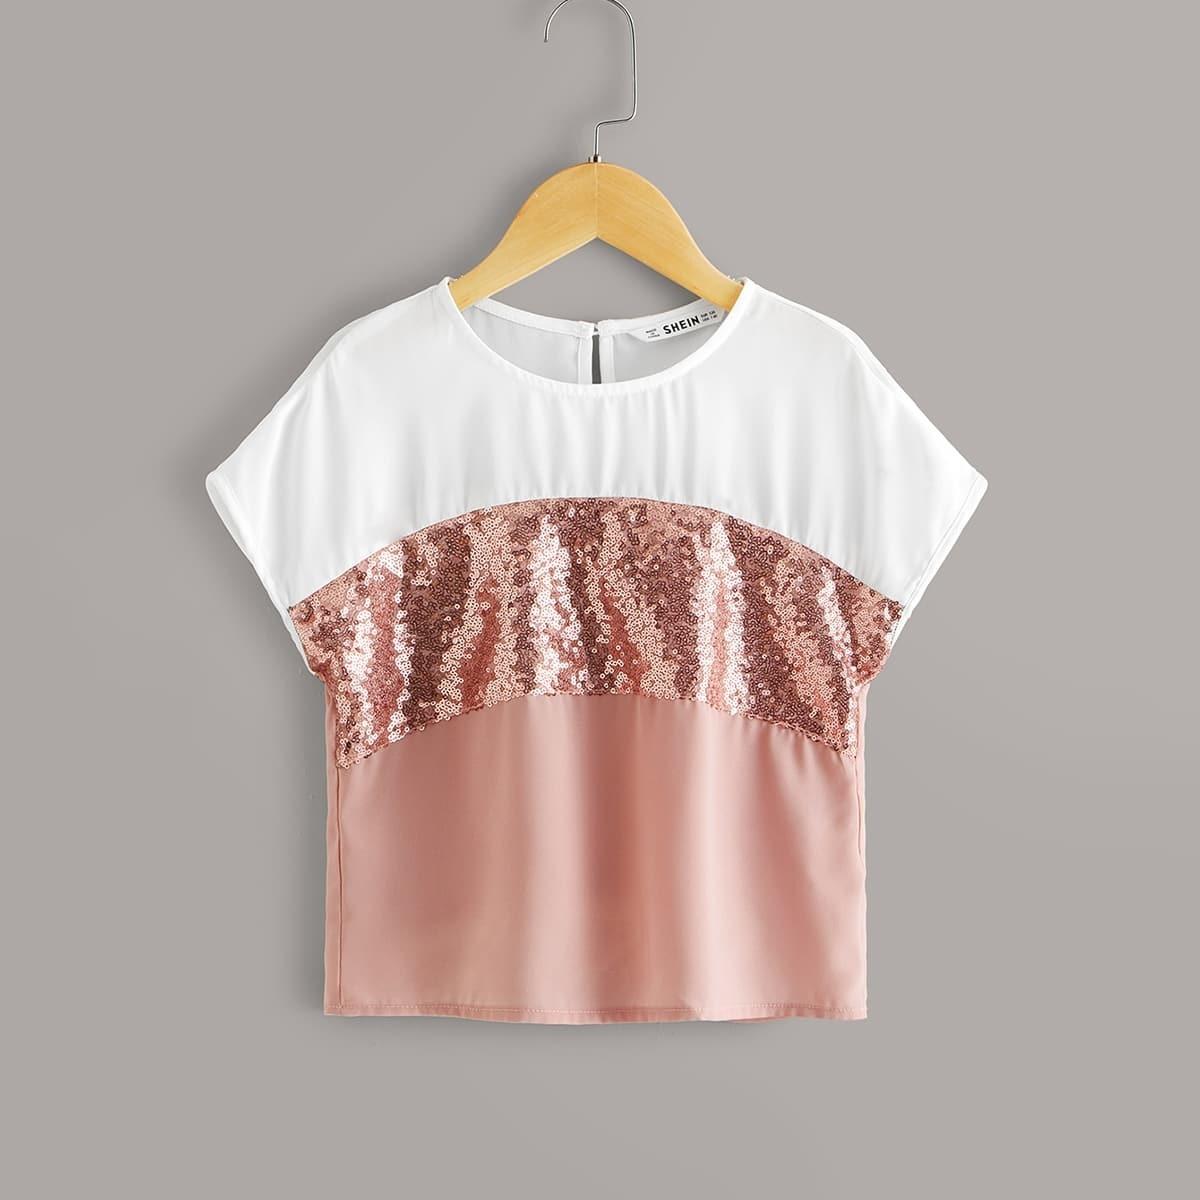 Контрастная блуза с блестками для девочек от SHEIN